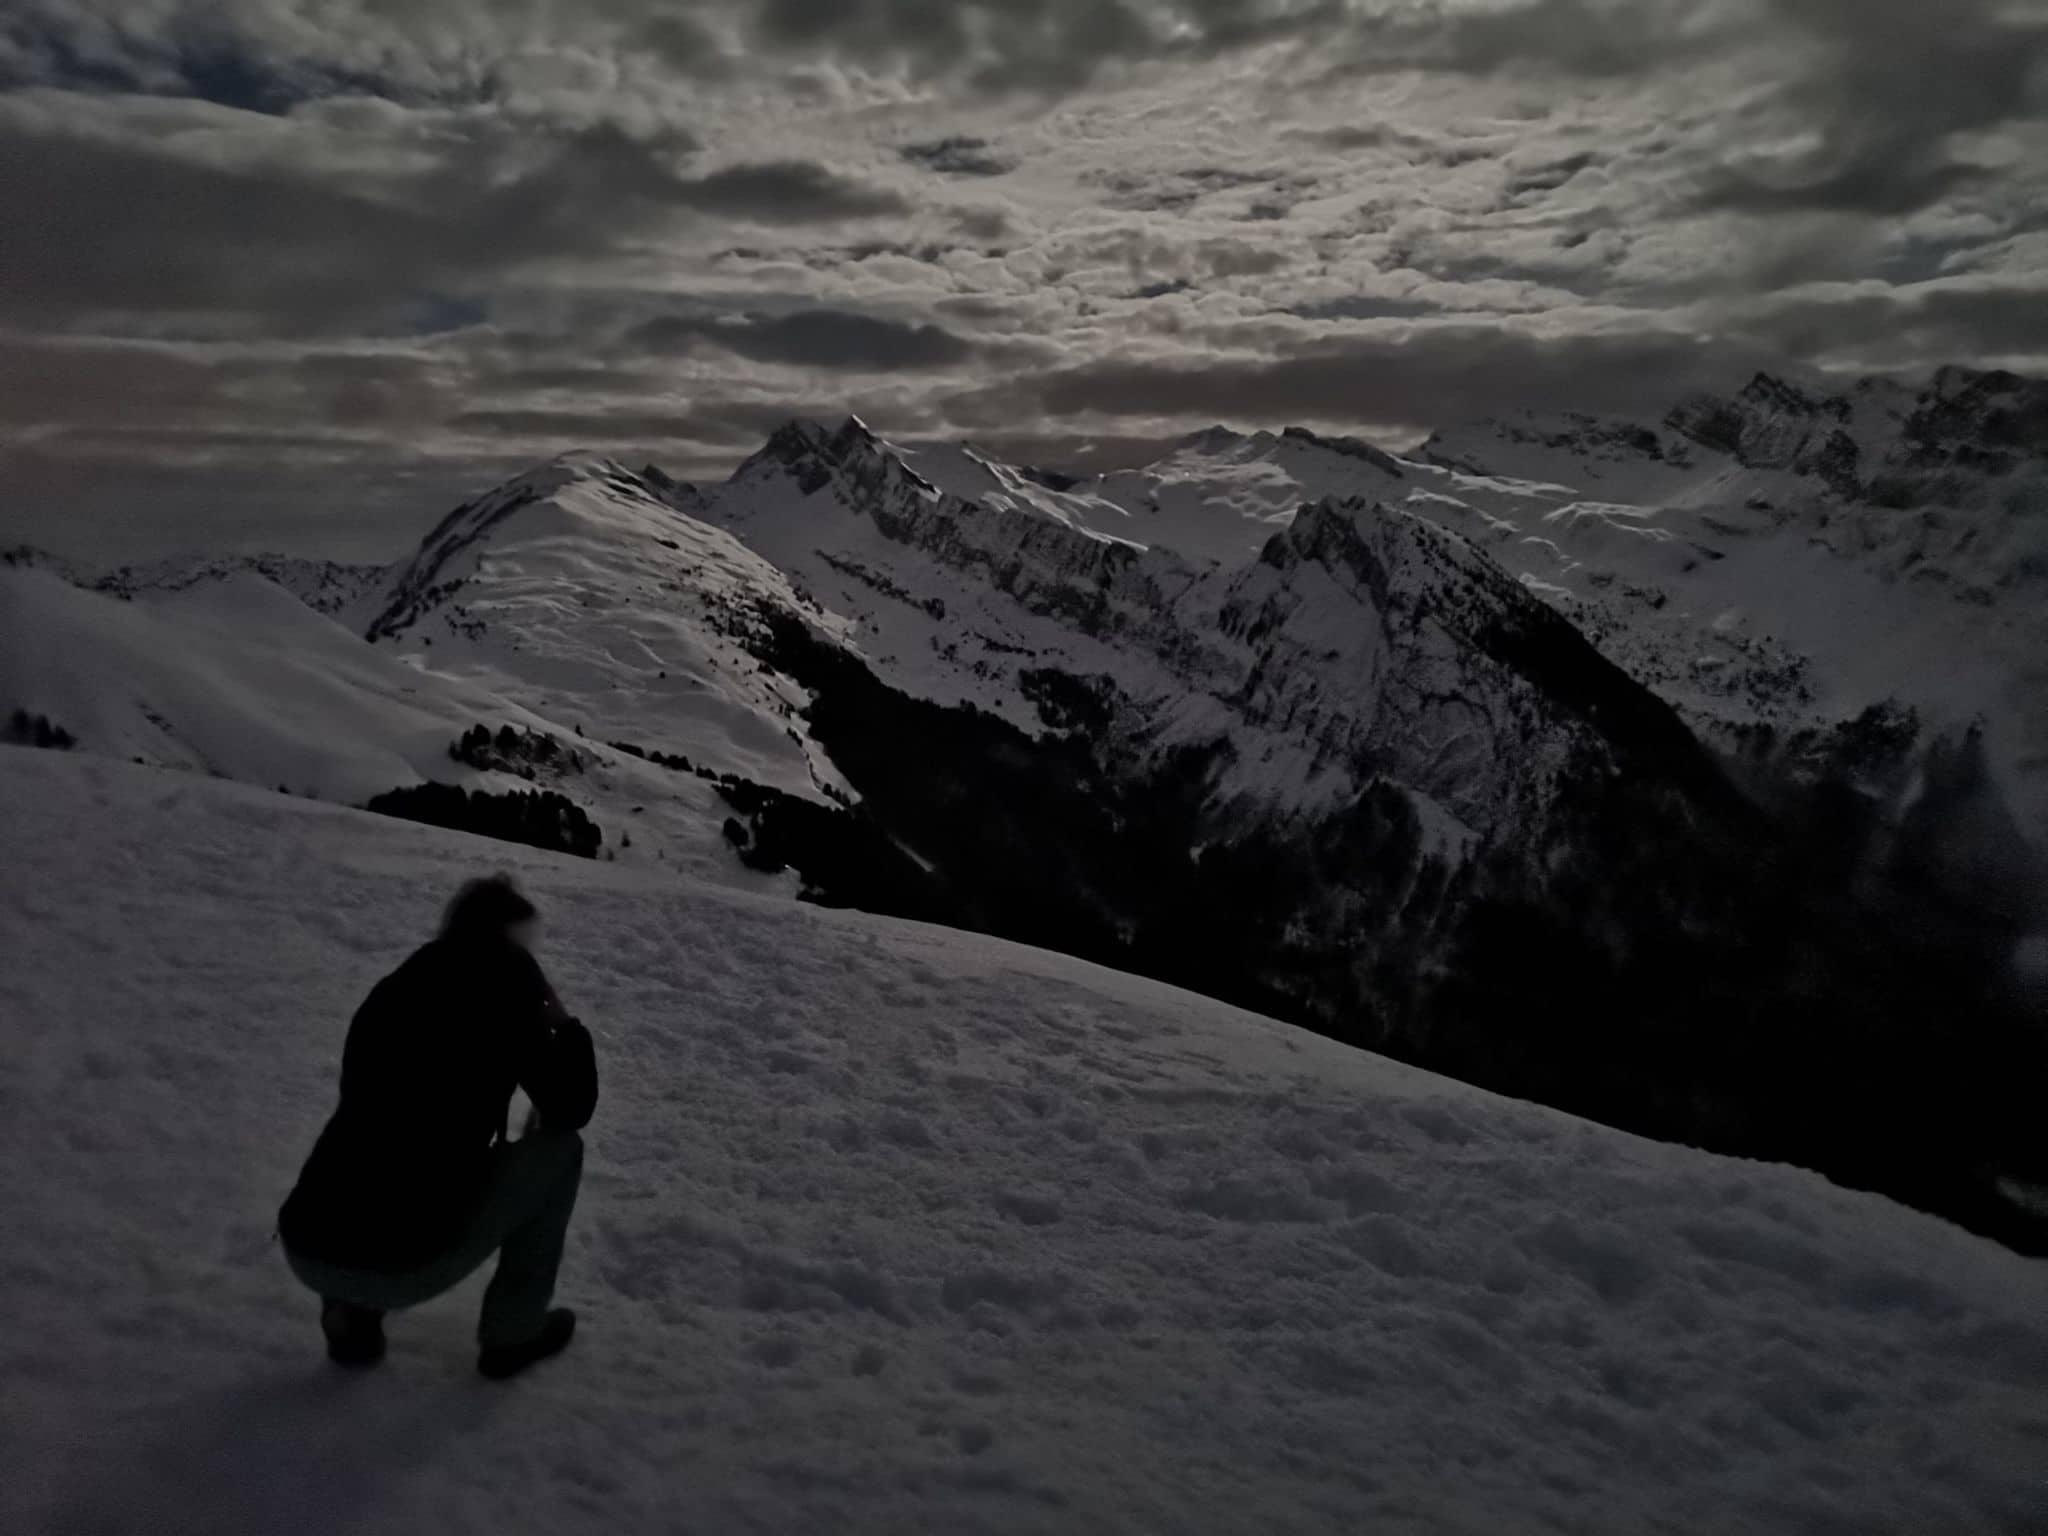 balade nocturne raquettes photo hiver